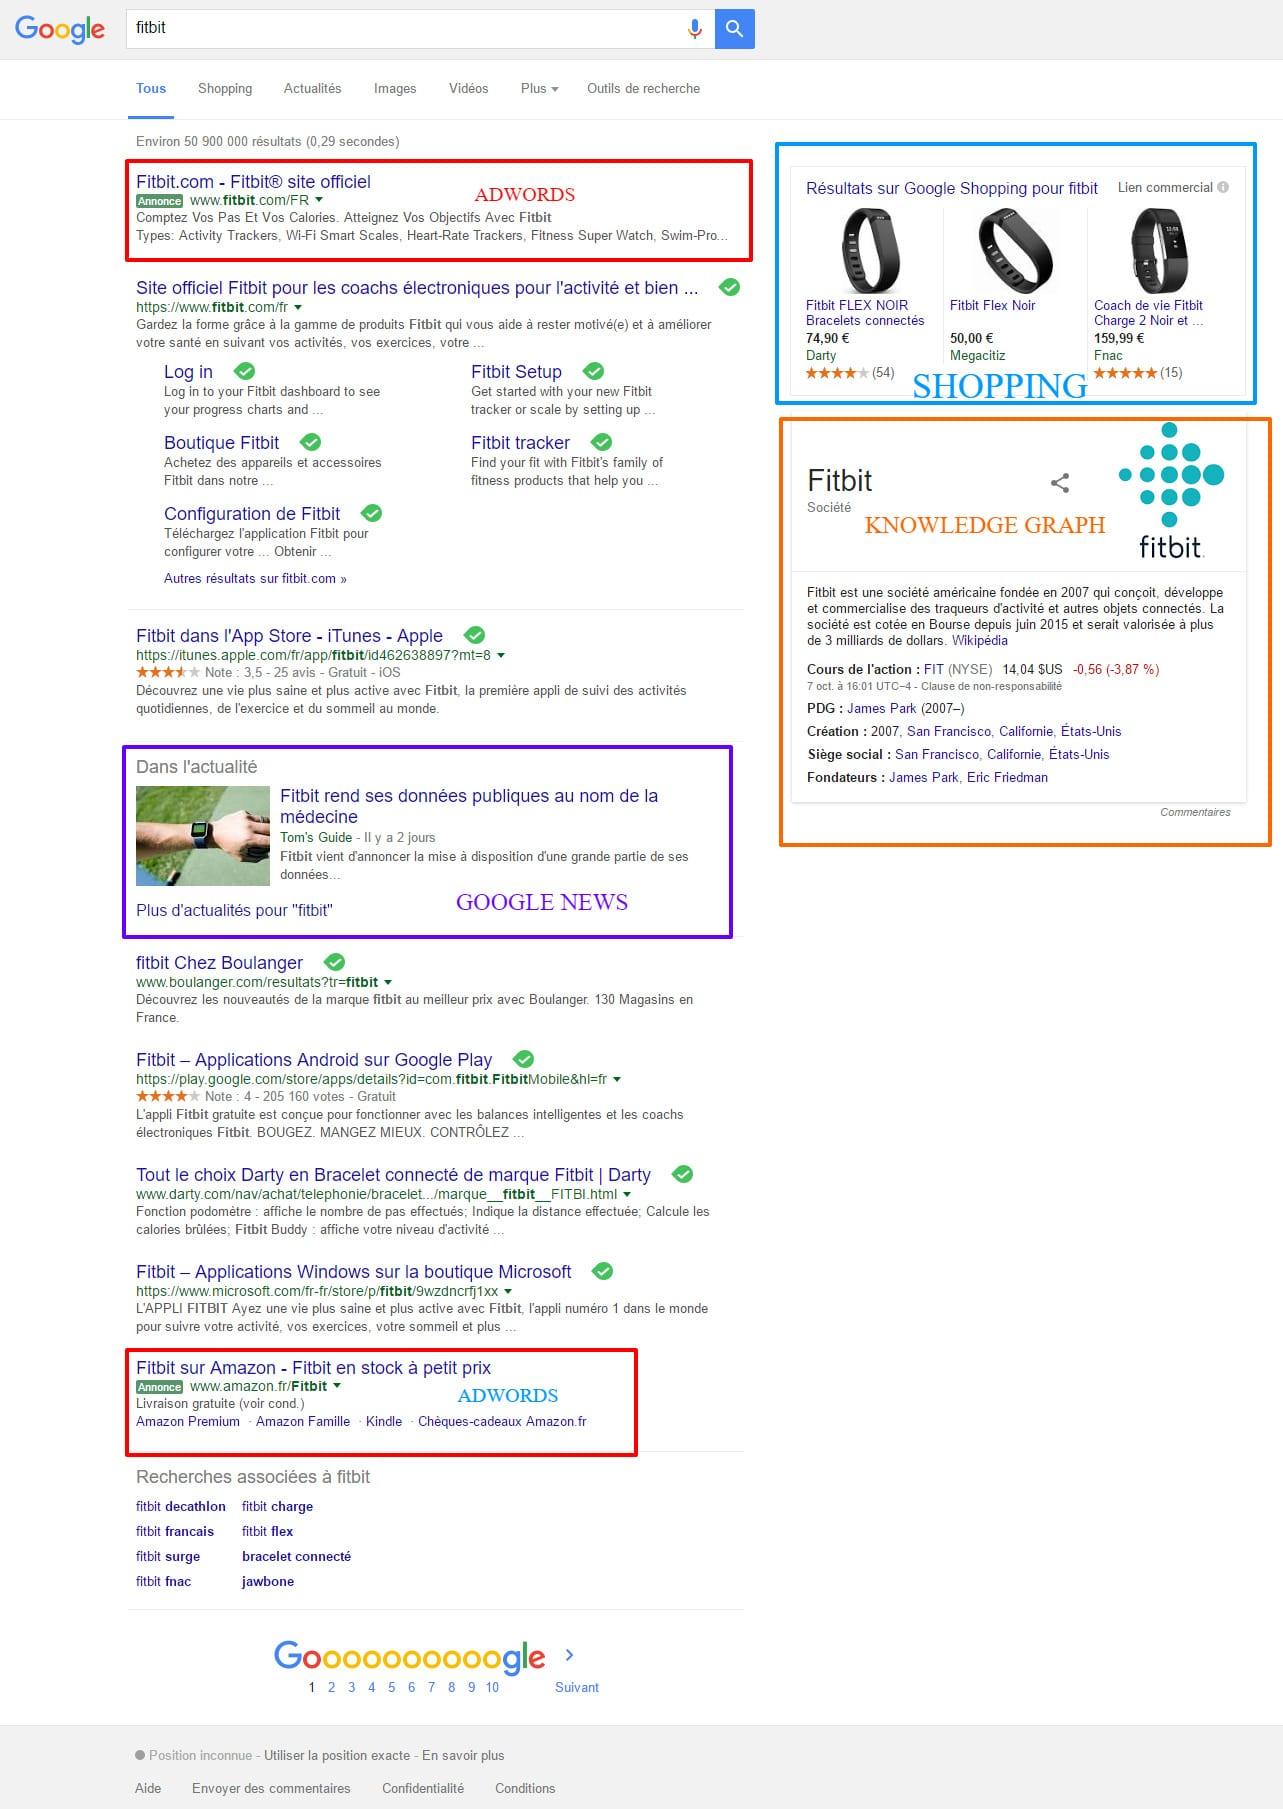 Anatomie d'une page de résultats de recherche